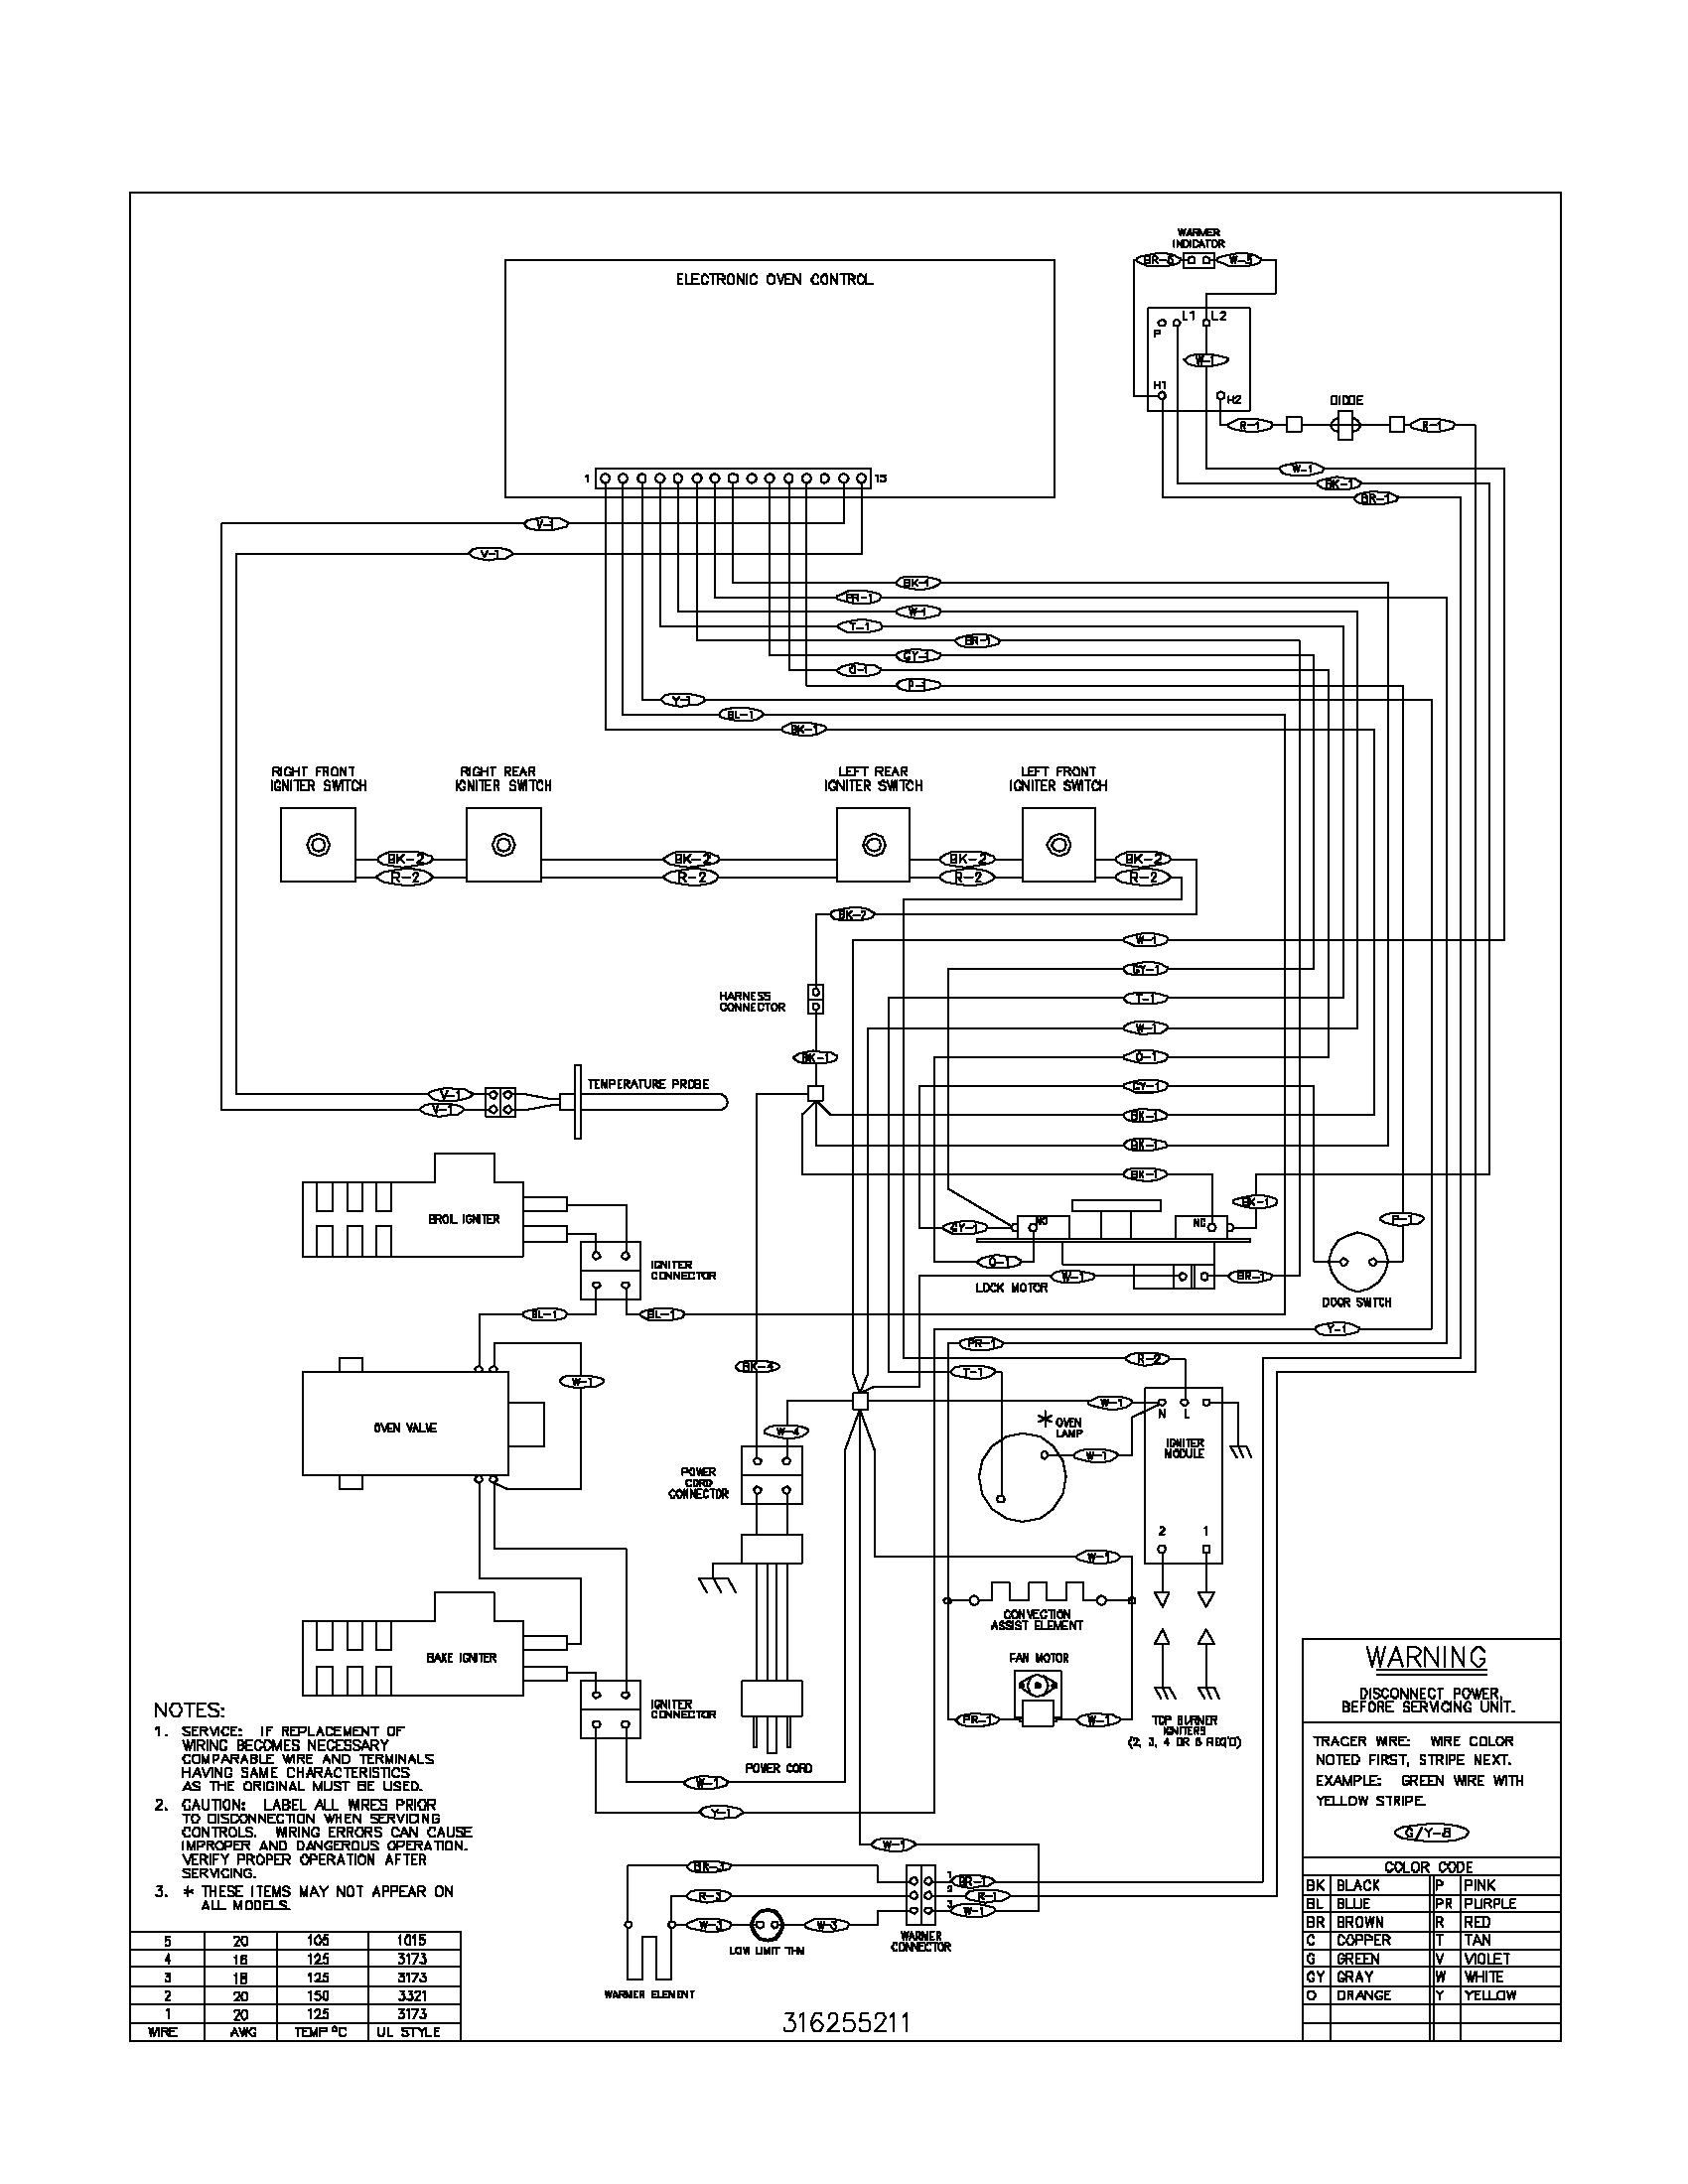 Wiring Diagram Danby Kitchenaid Wiring Diagram Wiring